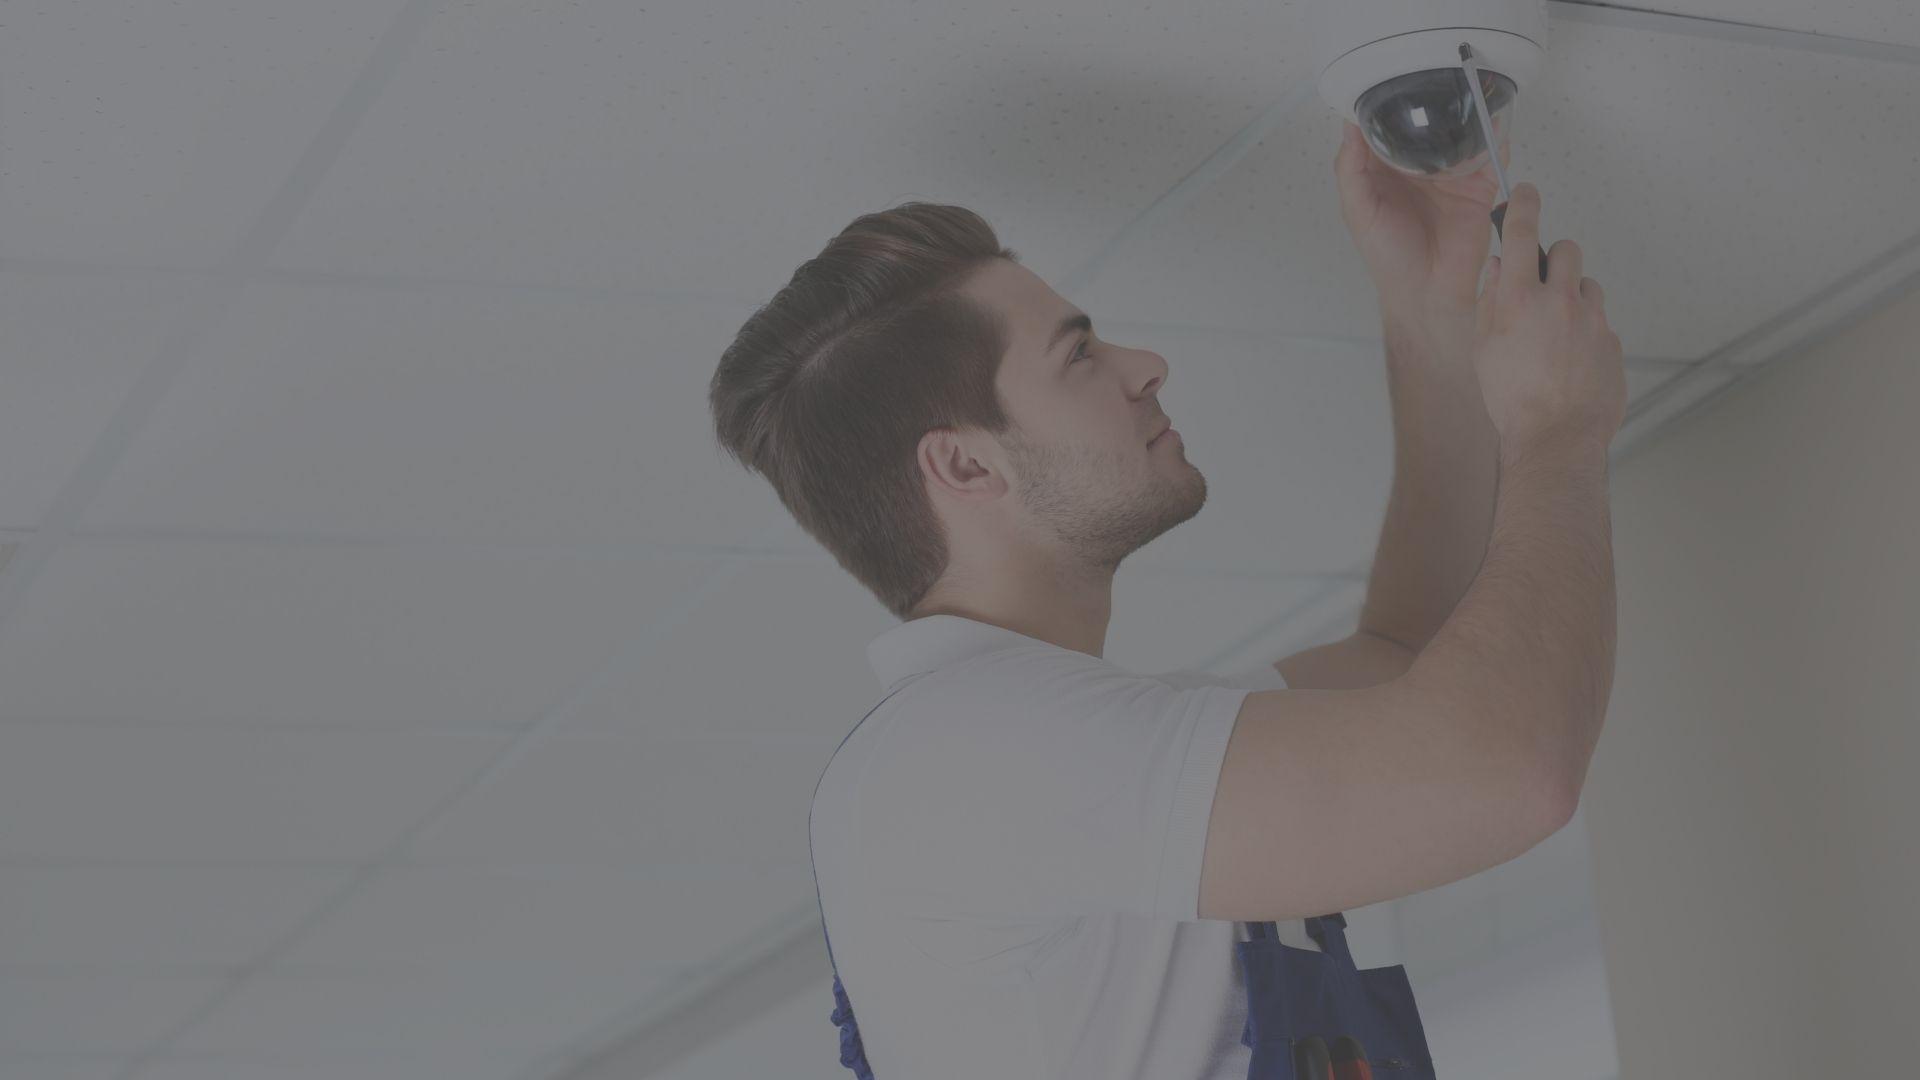 Immagine di un tecnico installatore che sta installando un sistema di sicurezza per abitazioni private o aziende.